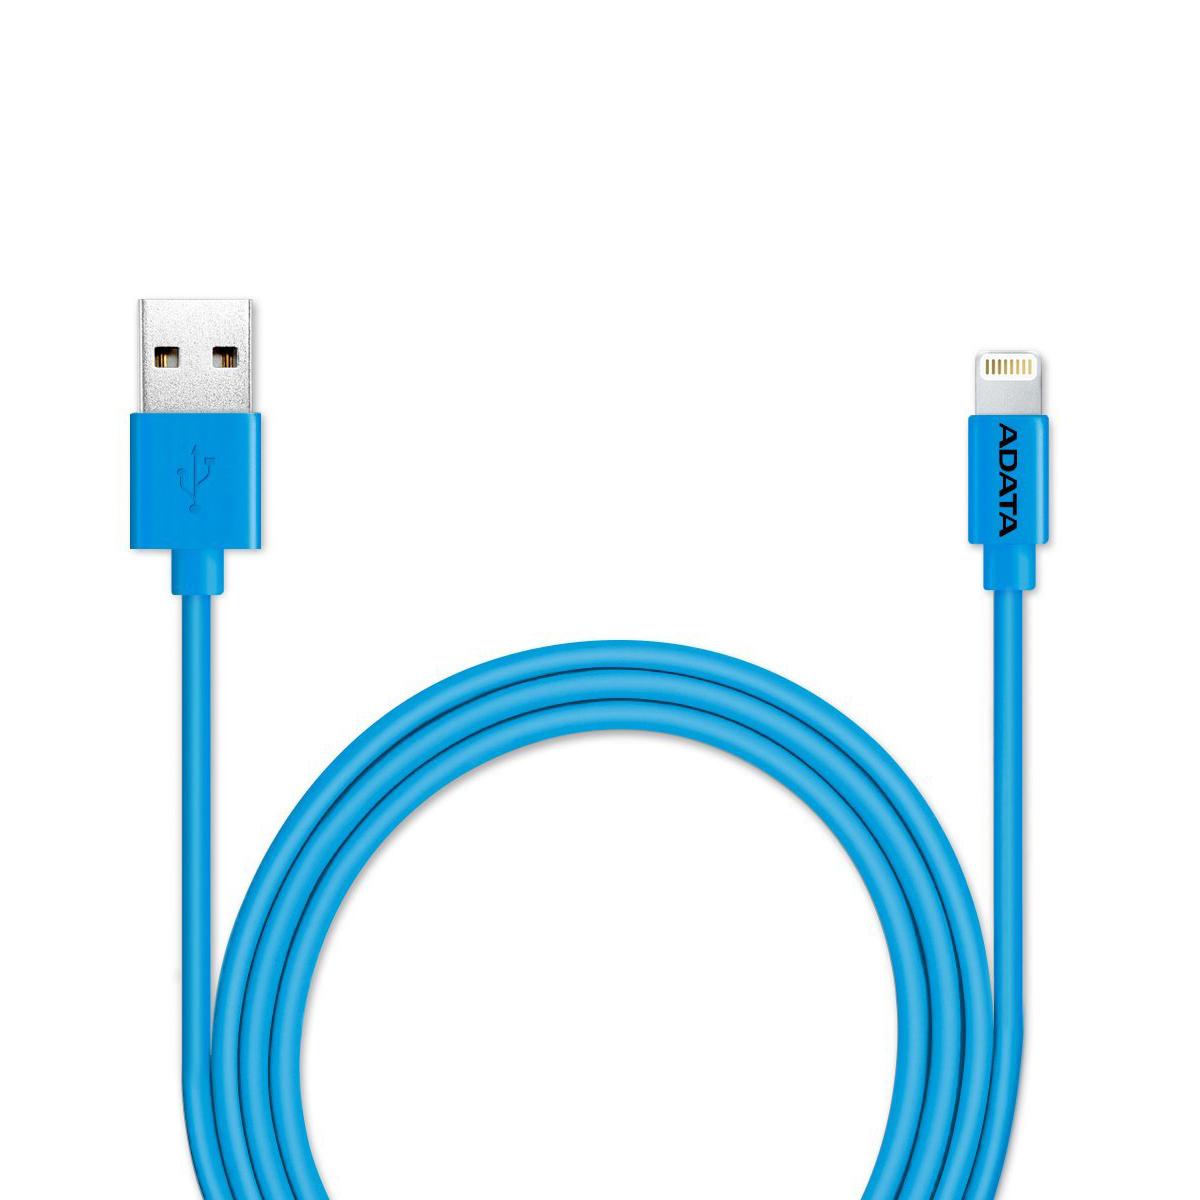 ADATA Lightning-USB MFI, Blue кабель (1 м)21702Кабель ADATA Lightning-USB MFI, для зарядки и синхронизации с сертификатом MFi от компании ADATA позволит вам без проблем заряжать устройства iPhone, iPad и iPod и выполнять синхронизацию данных между устройствами для поддержания высокой мобильности вашей жизни! Имеющий прочную многослойную структуру с использованием луженых медных проводников, надежный и долговечный кабель зарядки и синхронизации Apple Lightning обеспечивает быструю зарядку током до 2,4А и эффективную защиту от вредных электромагнитных помех. Кабель зарядки и синхронизации Apple Lightning - это стильный мобильный аксессуар, выпускаемый в нескольких ярких цветных и металлизированных вариантах, включая варианты с подобранным по цвету кабельным хомутом, обеспечивающим удобство укладки кабеля.